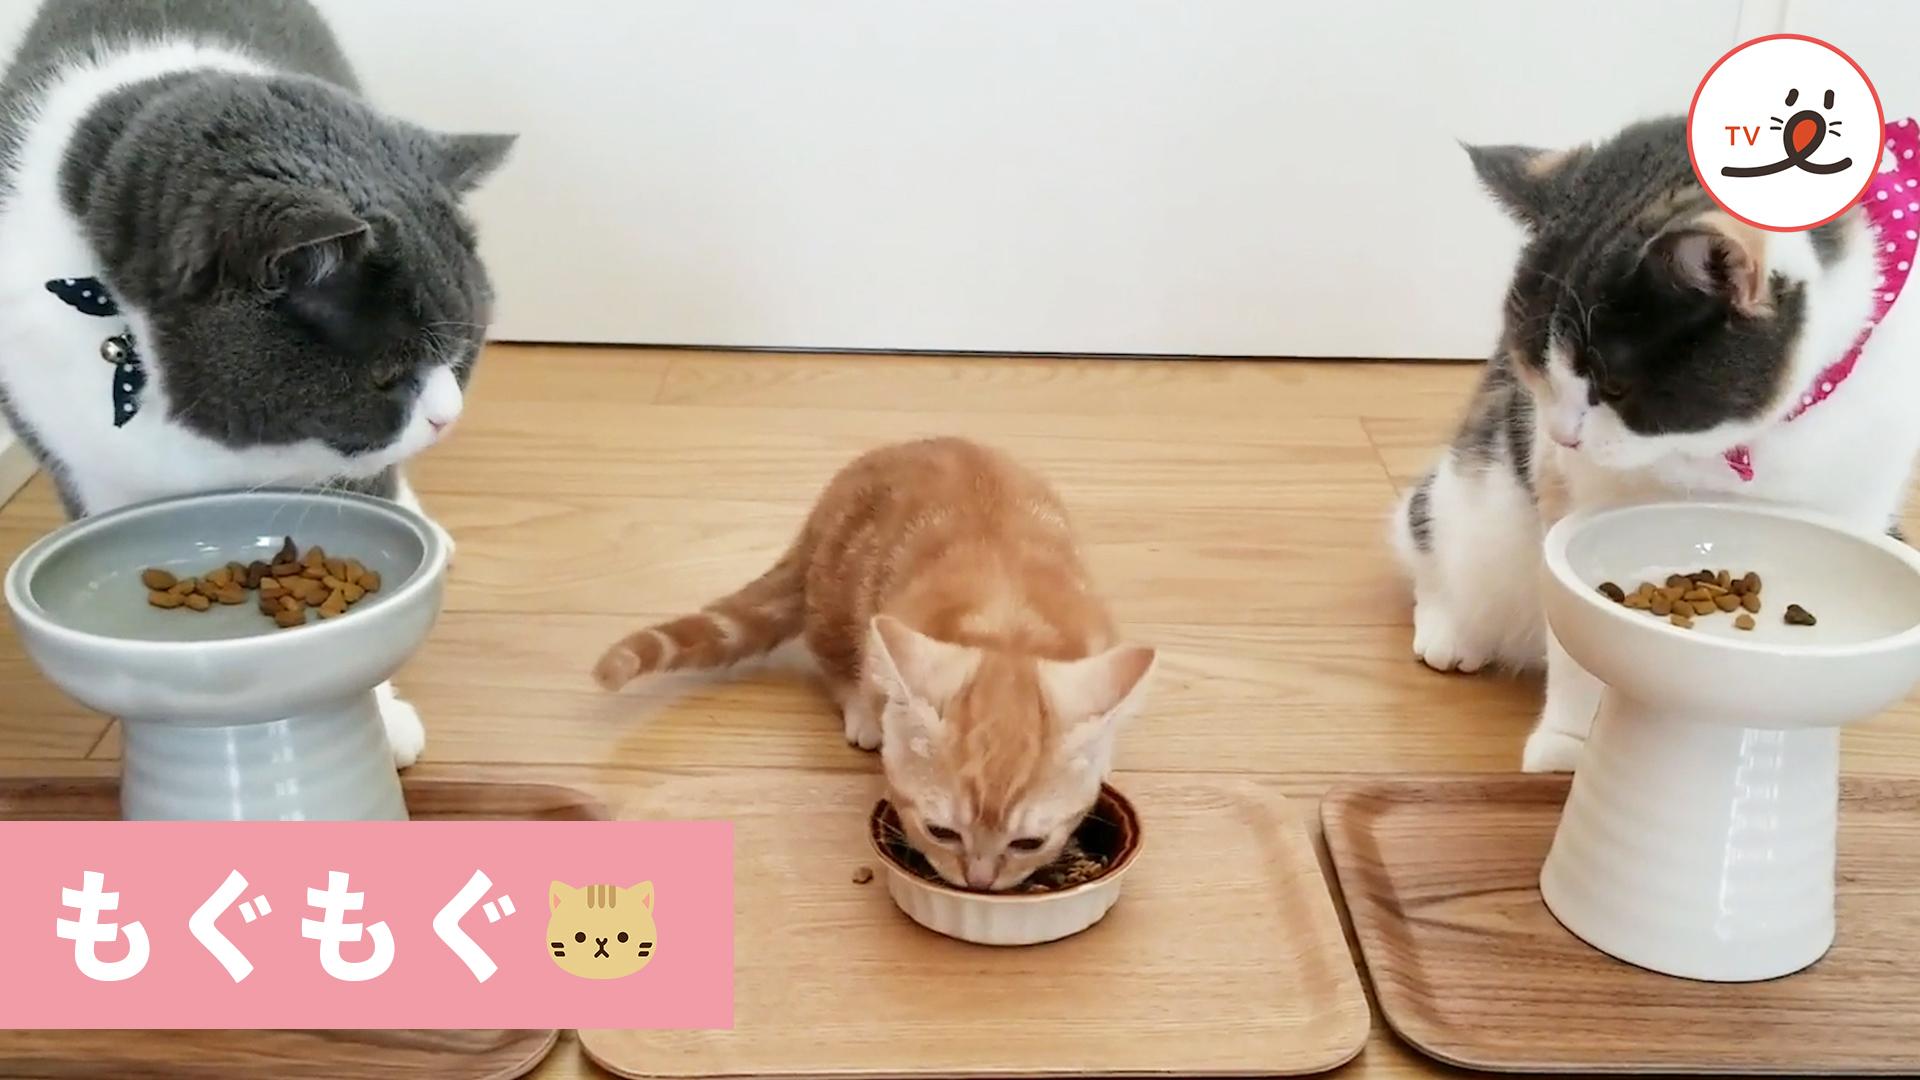 みんなで仲良くご飯中〜😋 2匹の先輩猫が後輩猫を見守る姿にほっこり😊